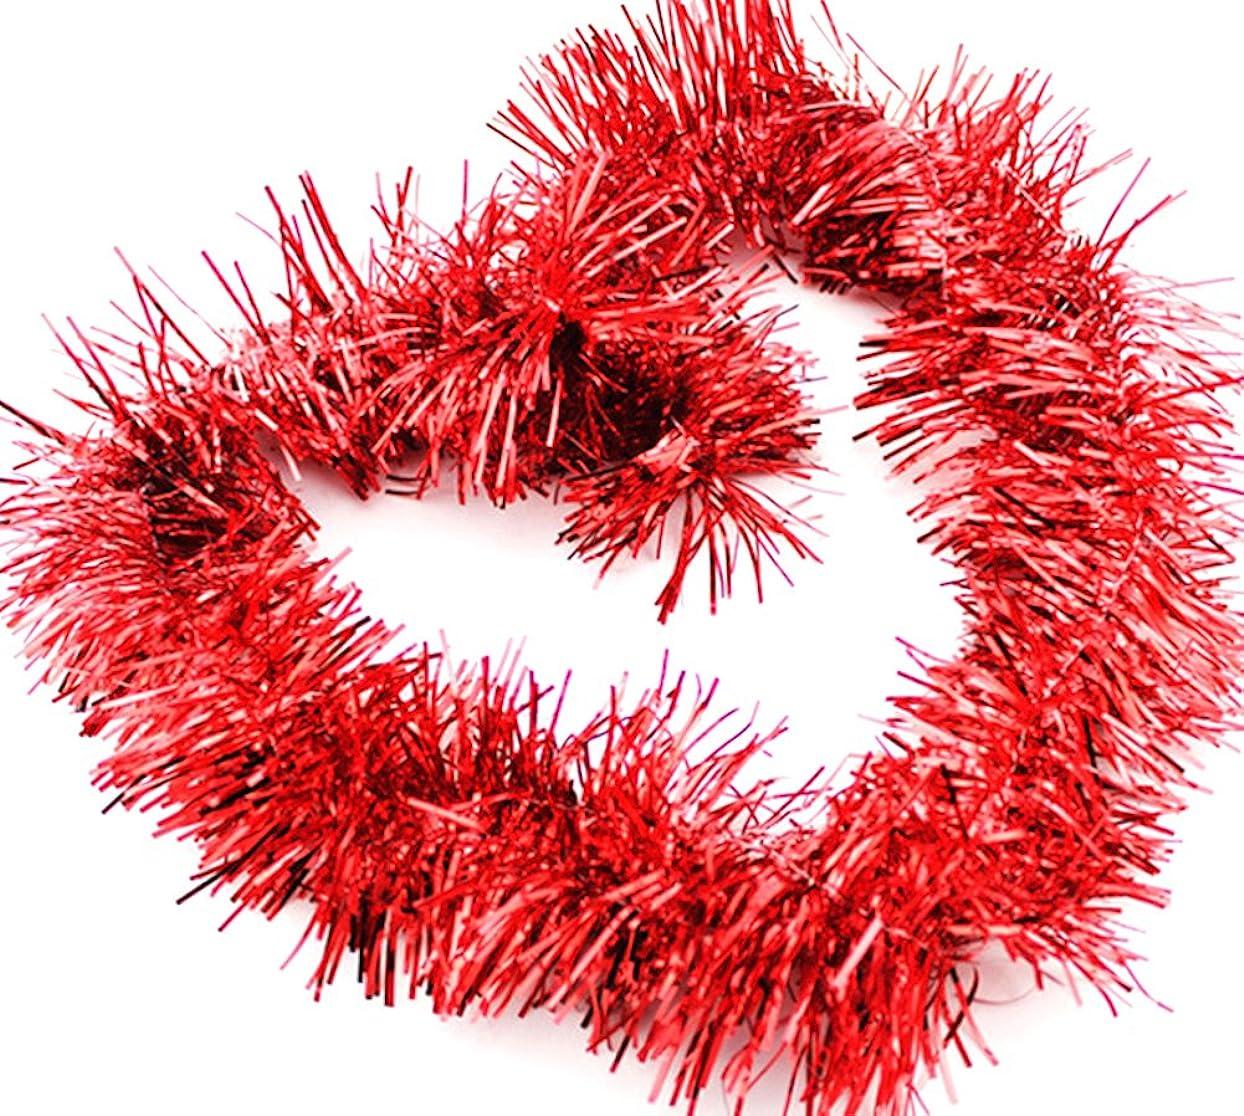 結婚するセーブ権限DCMA パーティー 【レッド】クリスマス リース キラキラ パーティー モール フリフリ 飾り ボリューム感 Lサイズ 幅8CM 長2M 1点